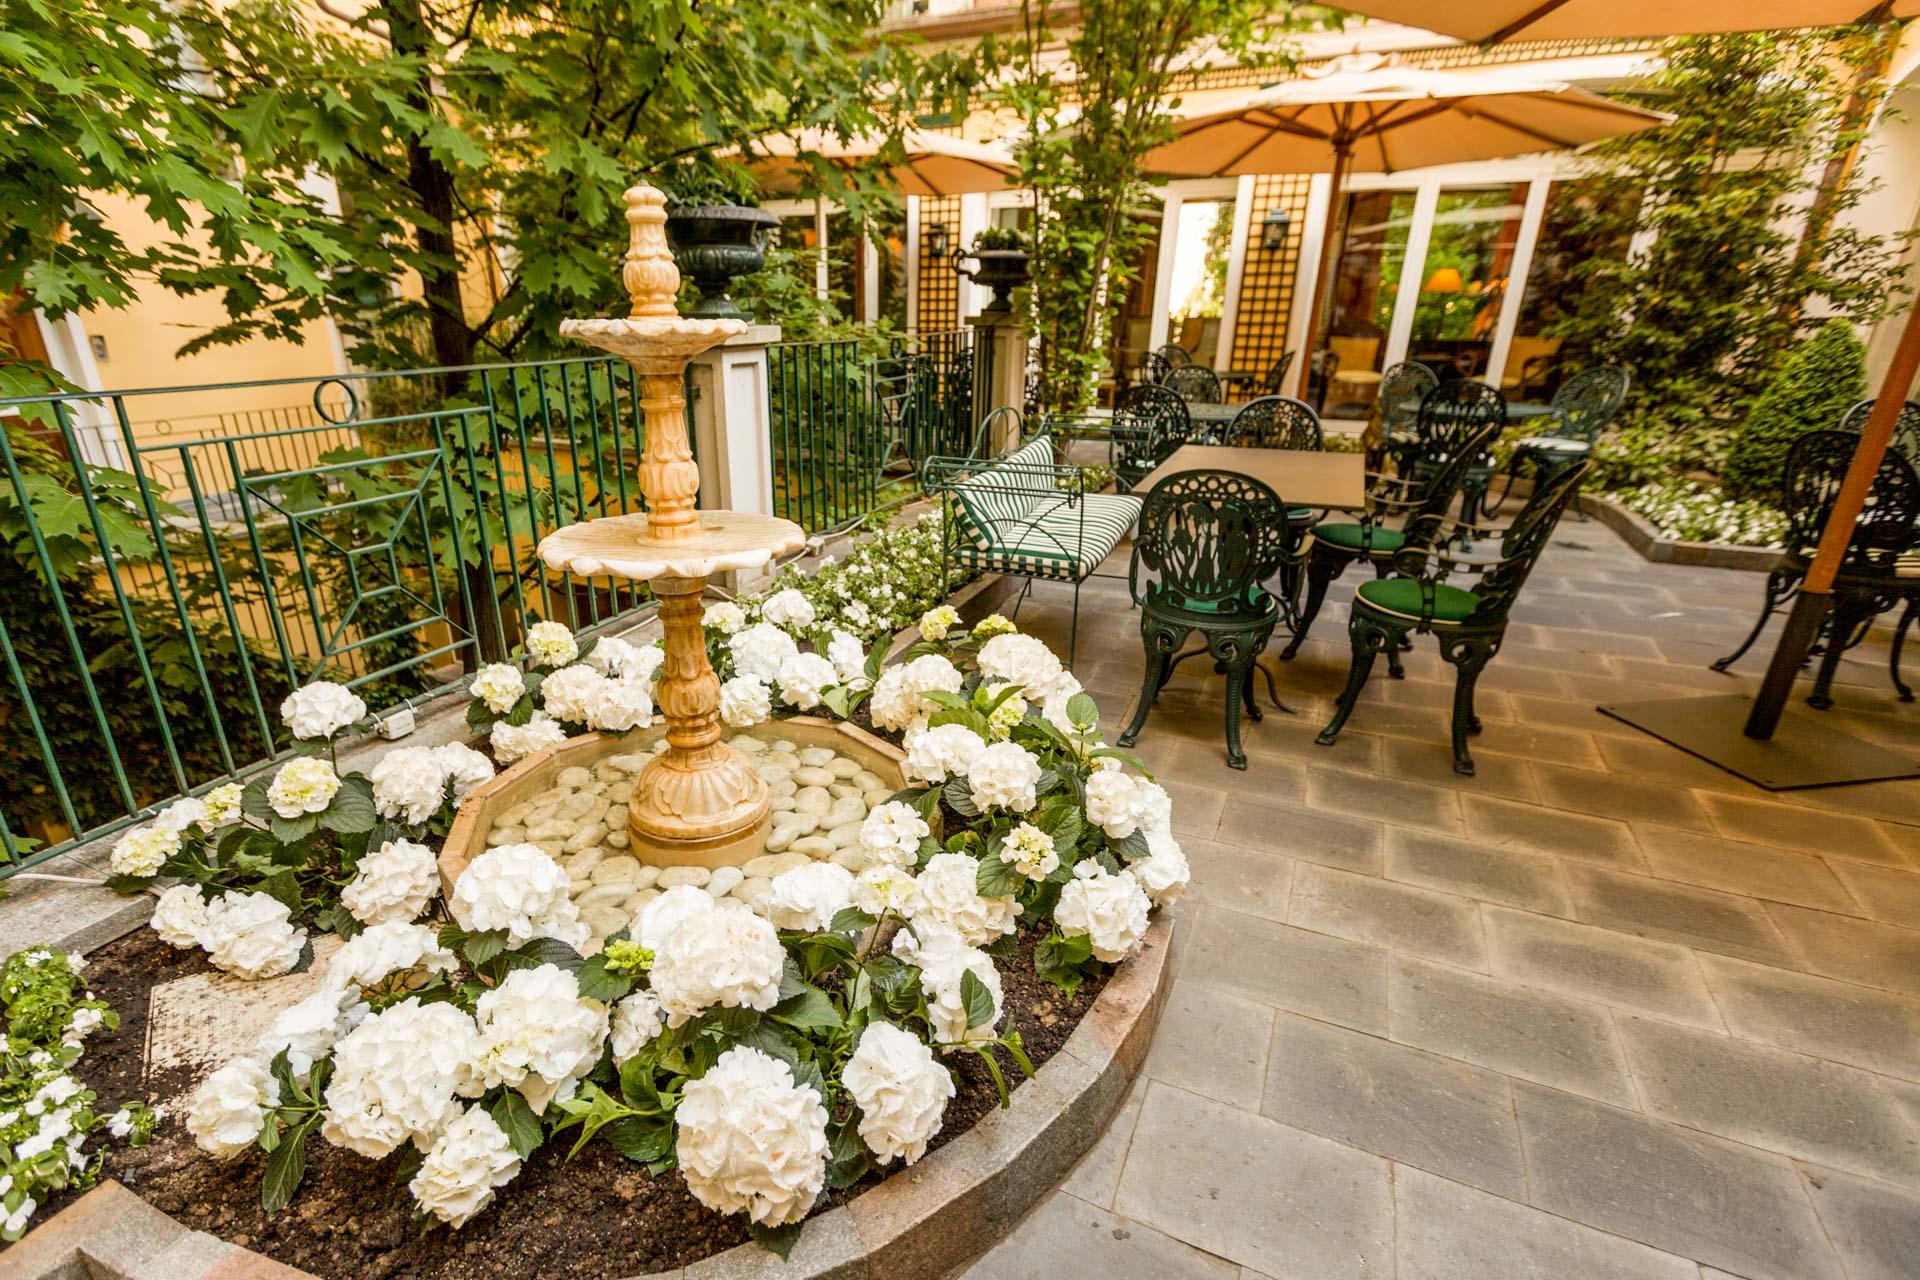 Hotel victoria torino esplorate l 39 eleganza raffinata e - Giardino fiorito torino ...